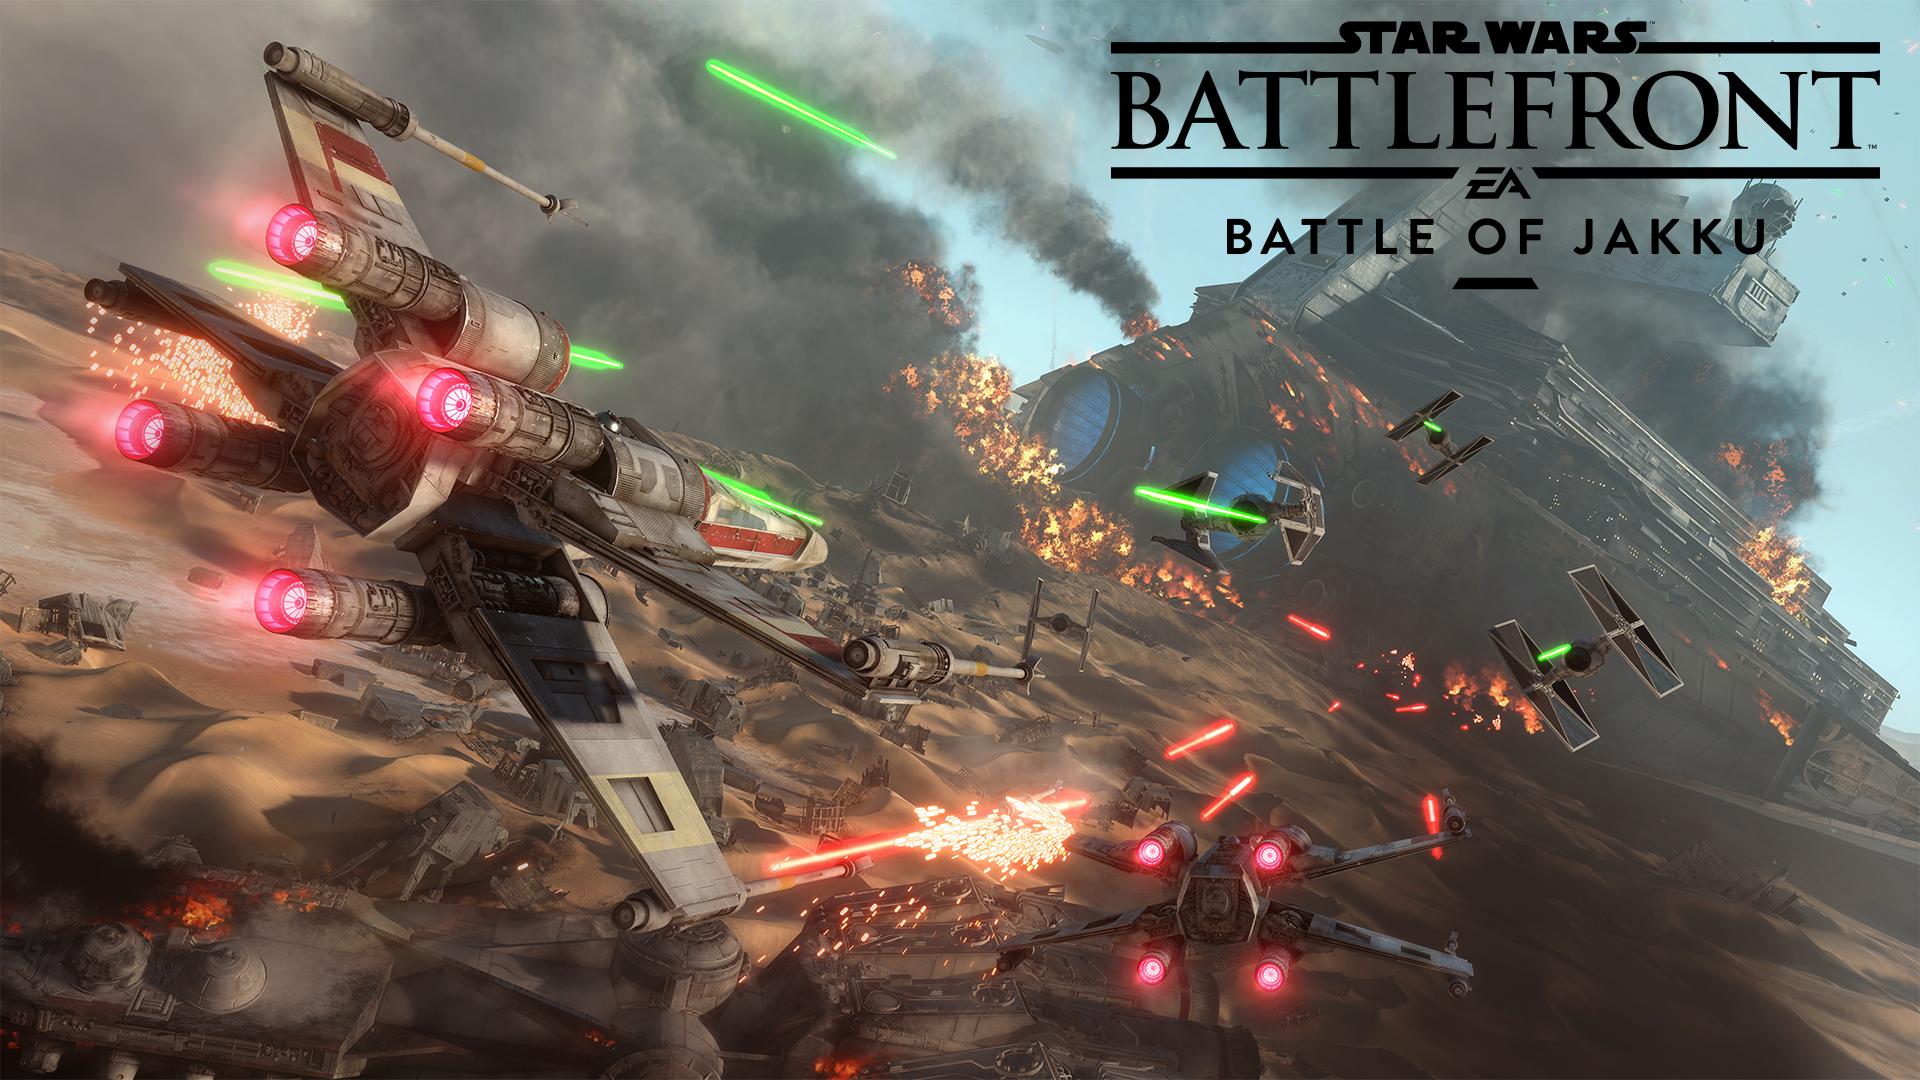 Star Wars Battlefront - Battle of Jakku